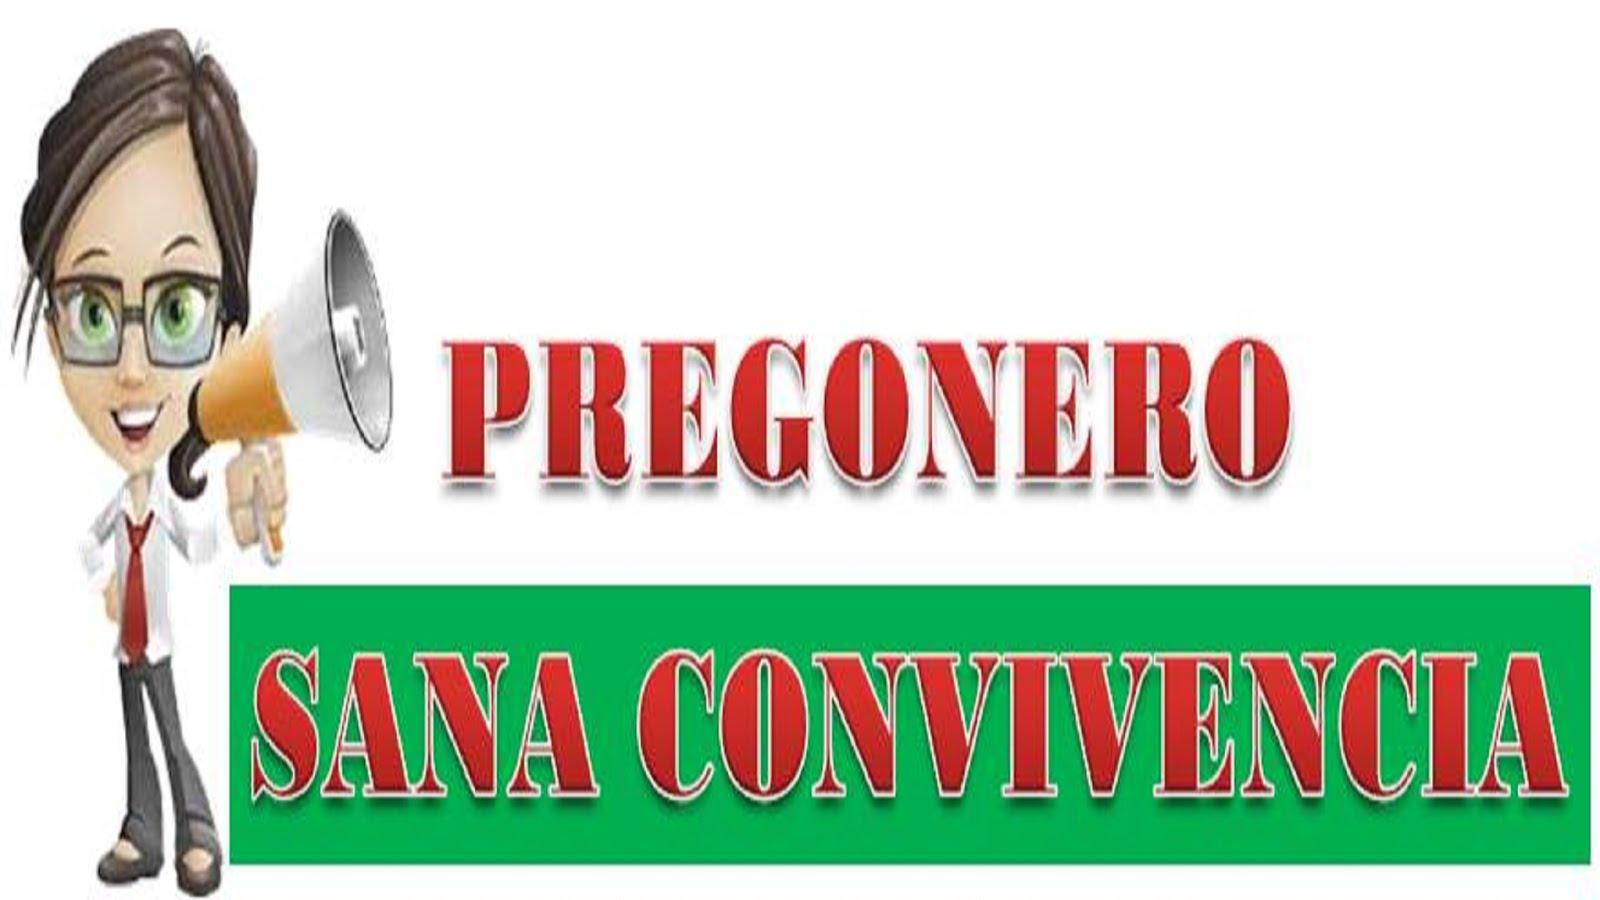 SANA CONVIVENCIA